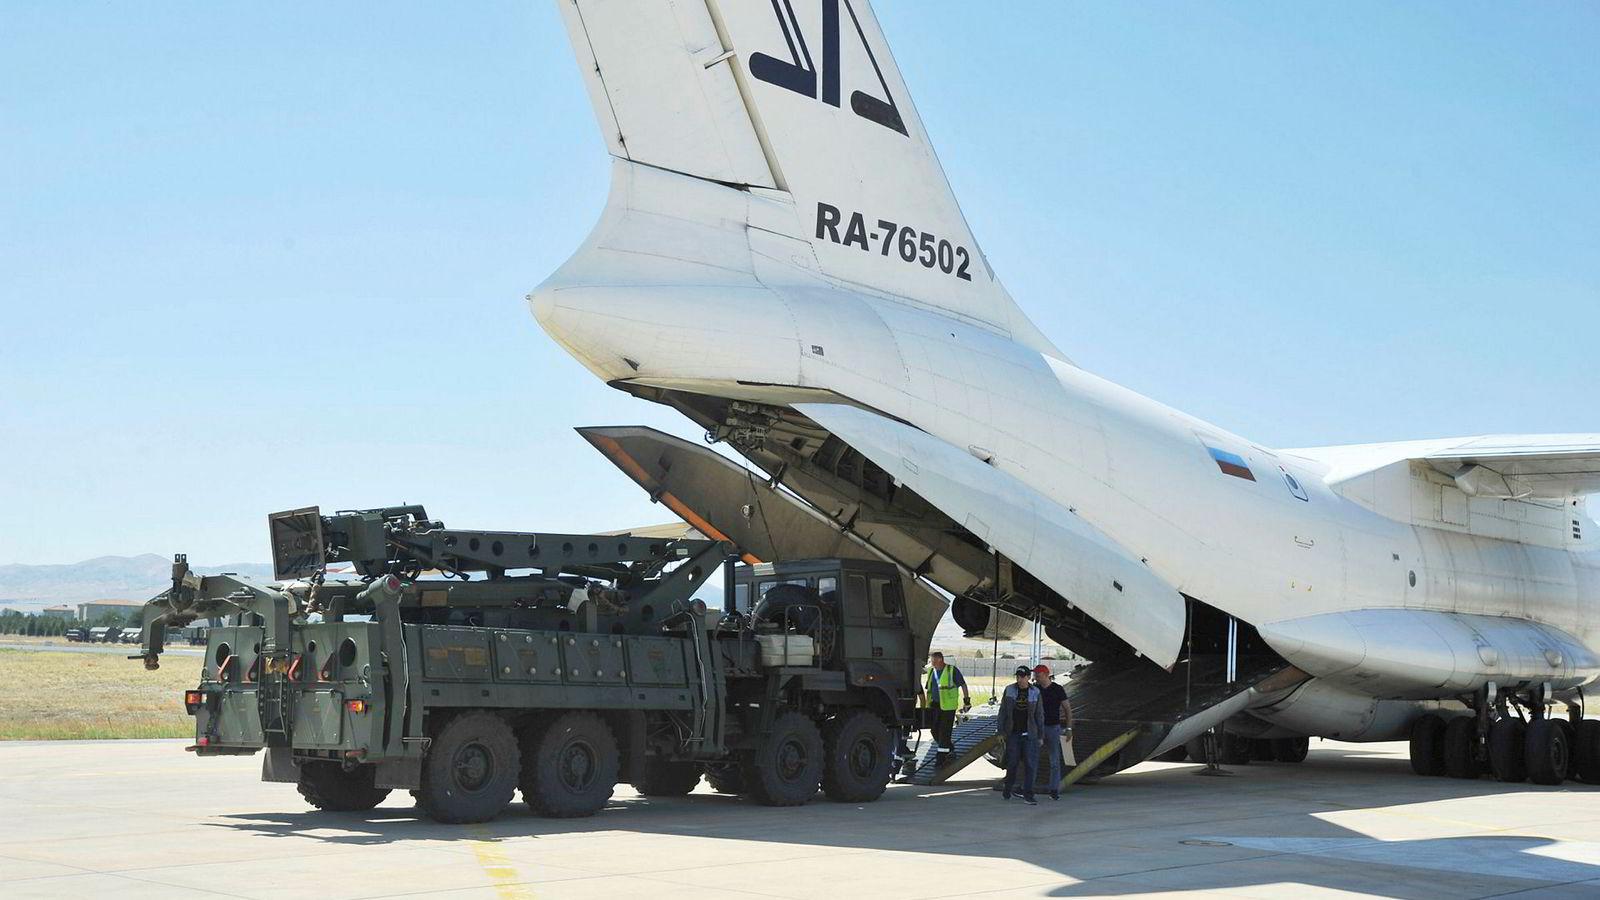 Russland leverte forrige uke en ny forsyning av luftforsvarssystemet S-400 til Tyrkia. Det er dårlig nytt for Nato.